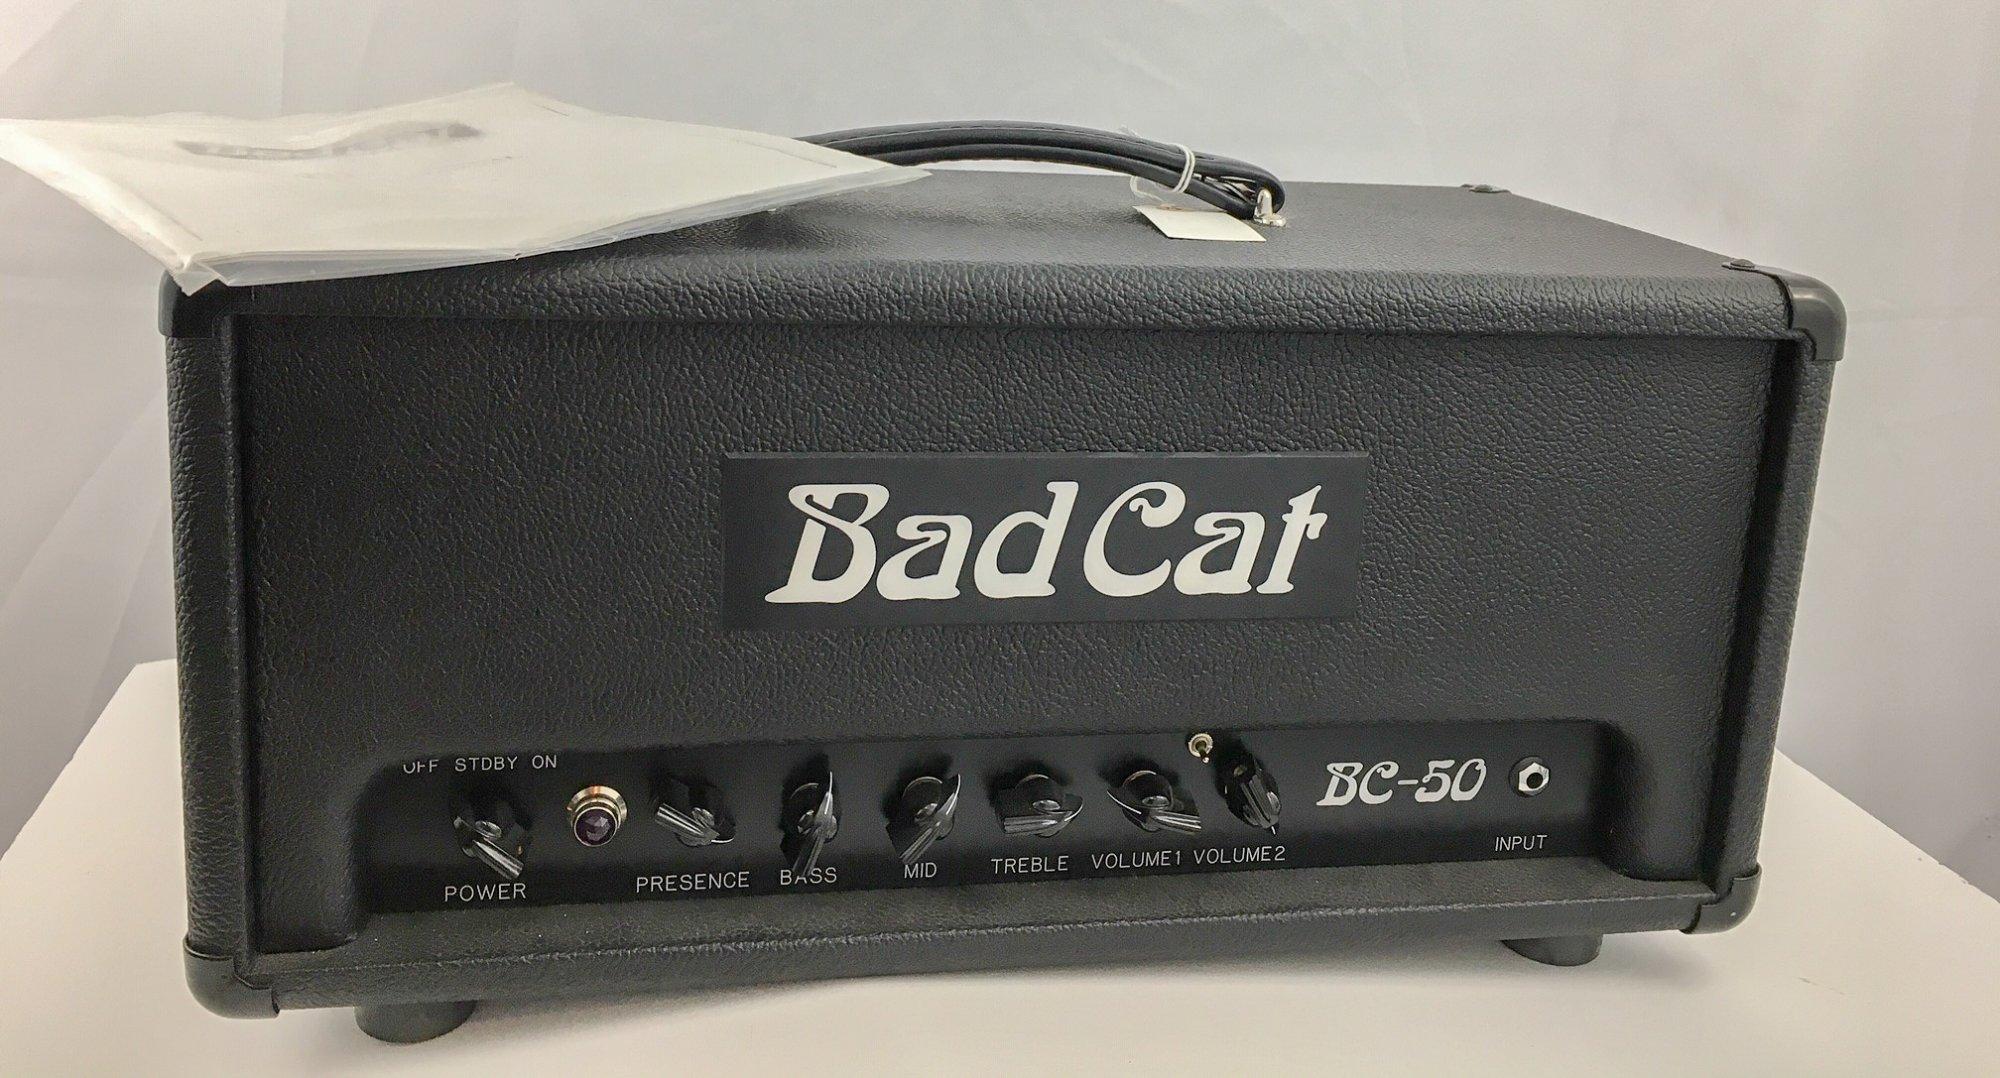 Used Bad Cat BC-50